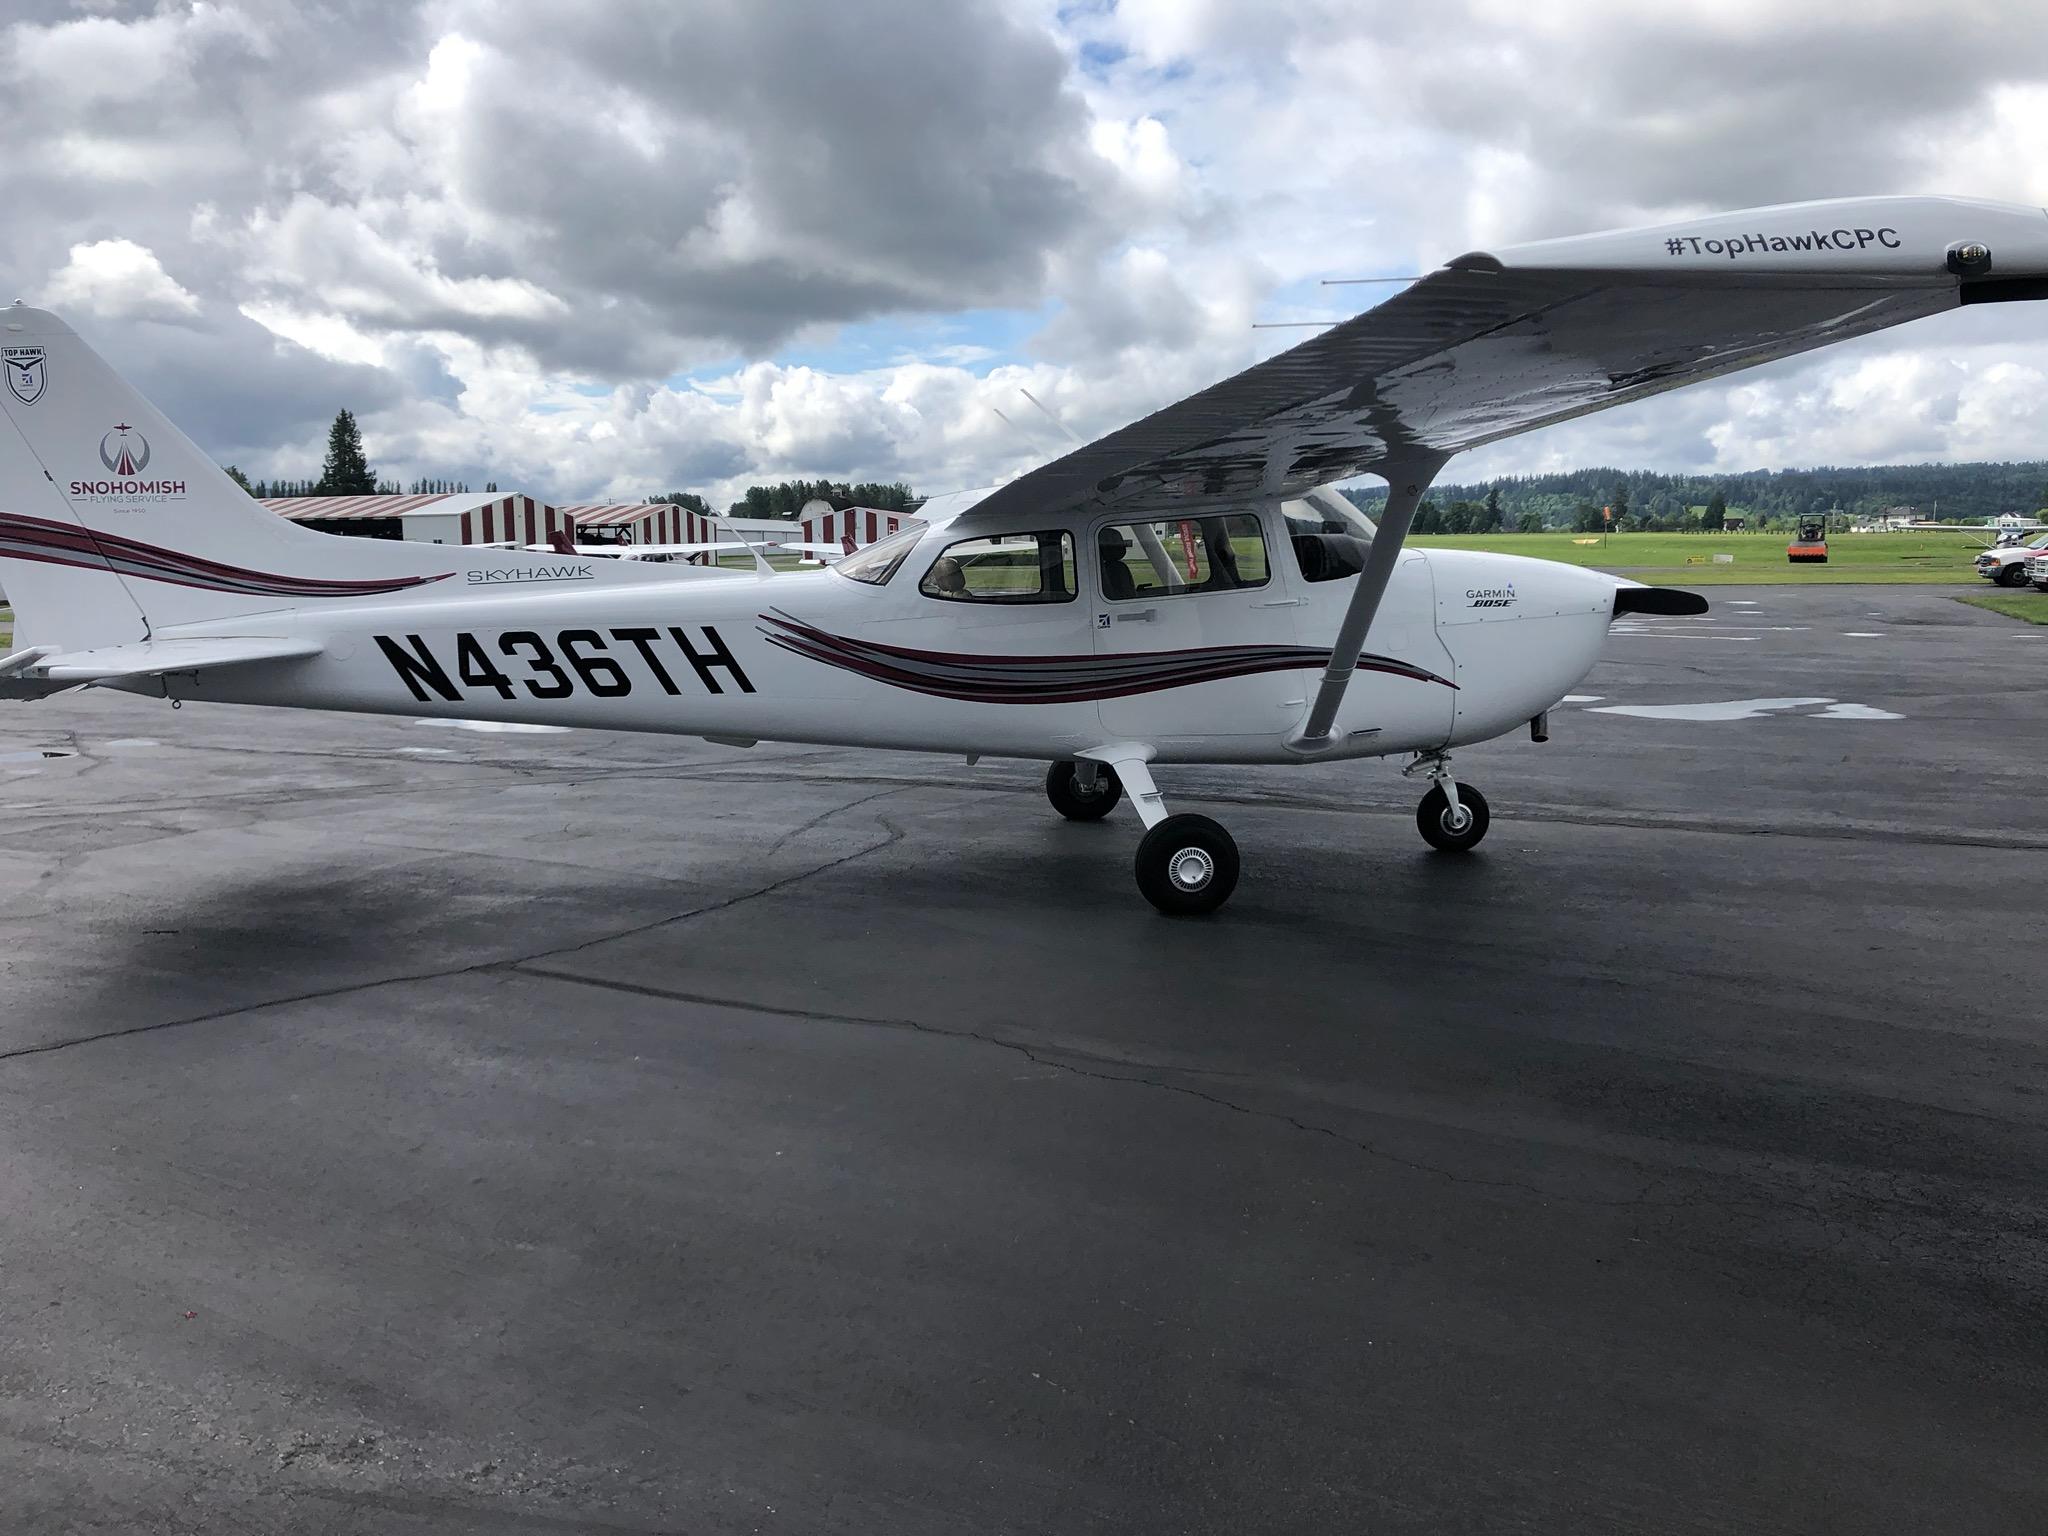 N436TH-Aircraft